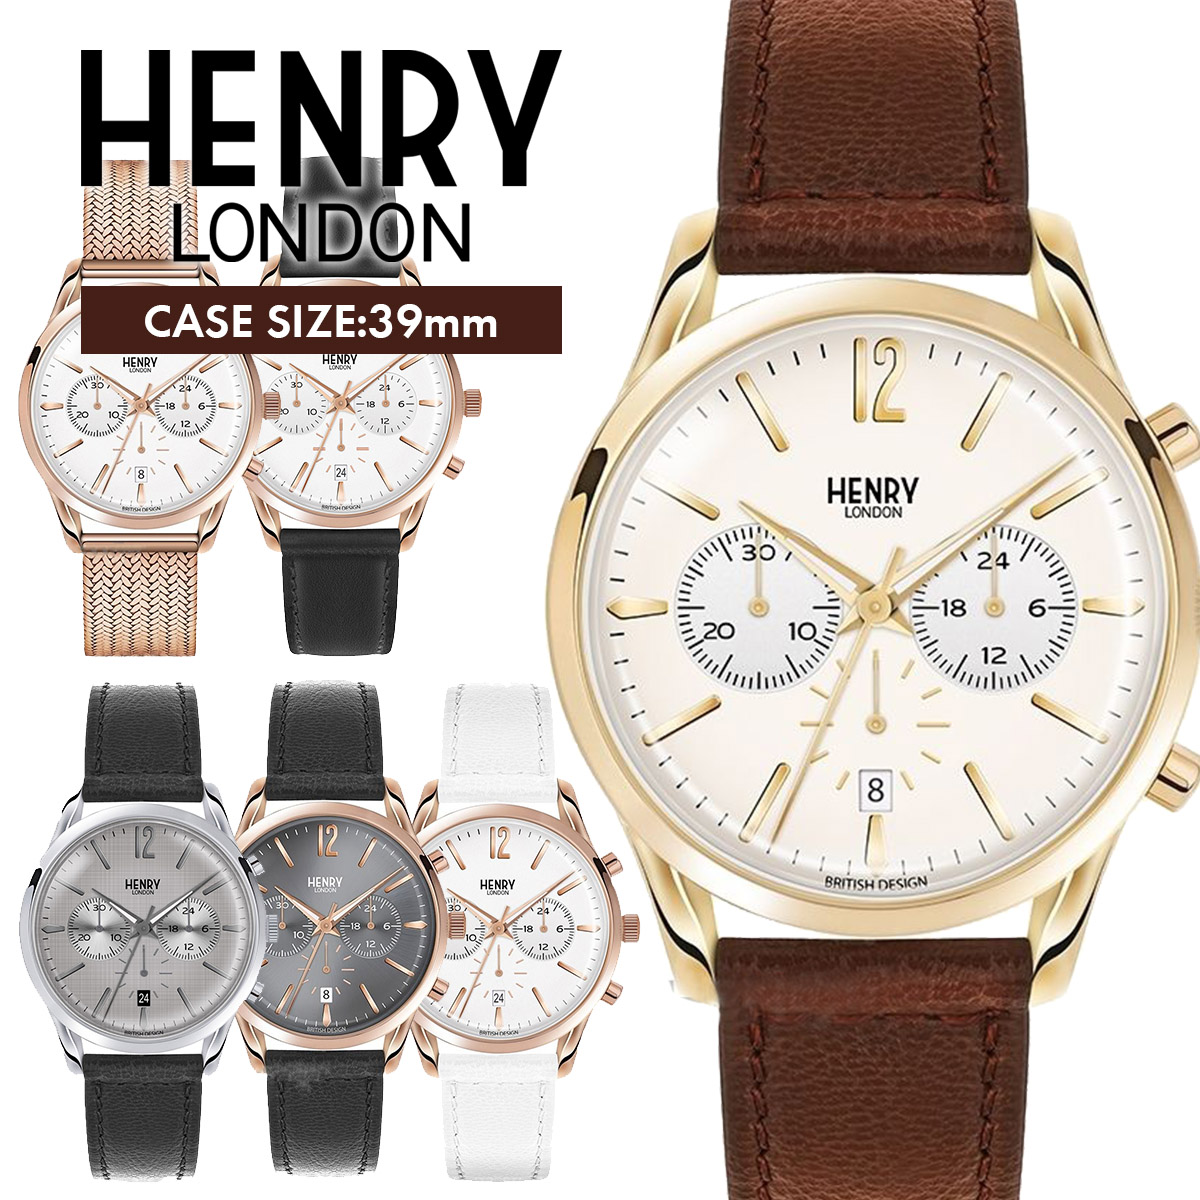 HENRY LONDON ヘンリーロンドン ★選べる6カラー★ 39mm レディース メンズ ユニセックス 腕時計 レザー クロノ ウォッチ プレゼント 贈り物 ギフト ペアウォッチ [あす楽]